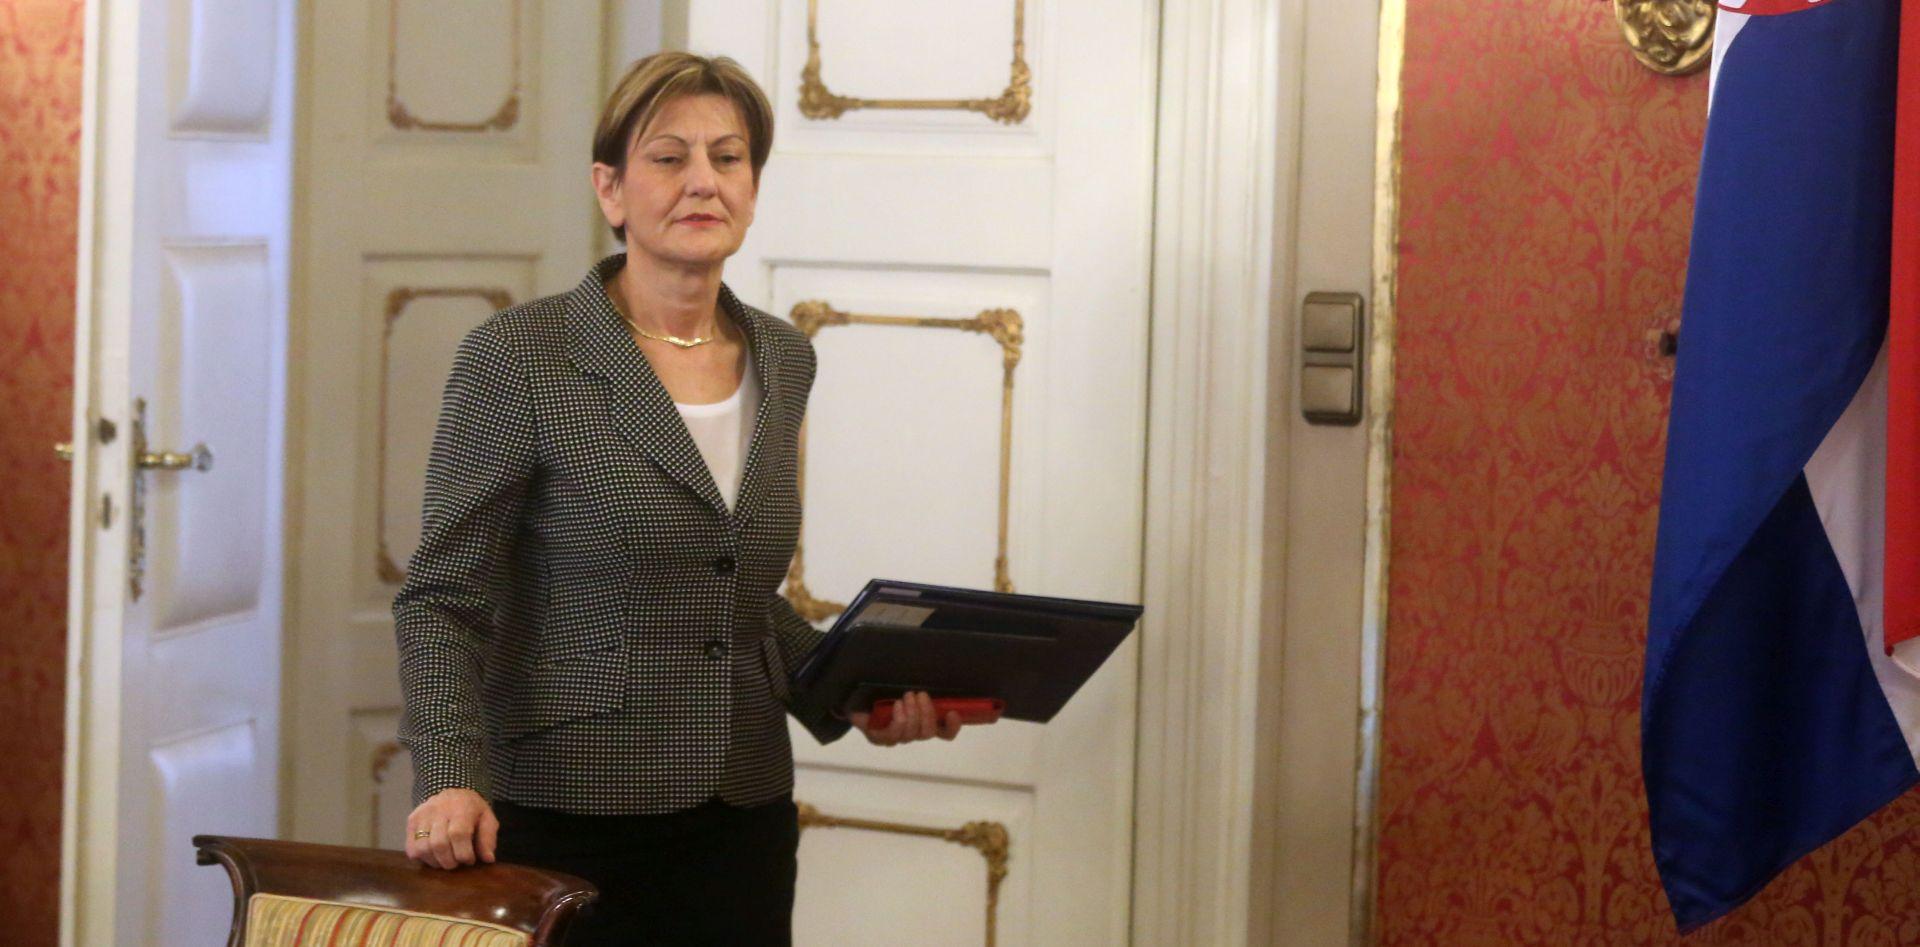 AFERA HOTMAIL Dalić reagirala na odbacivanje kaznenih prijava Živog zida i Slobodne Hrvatske